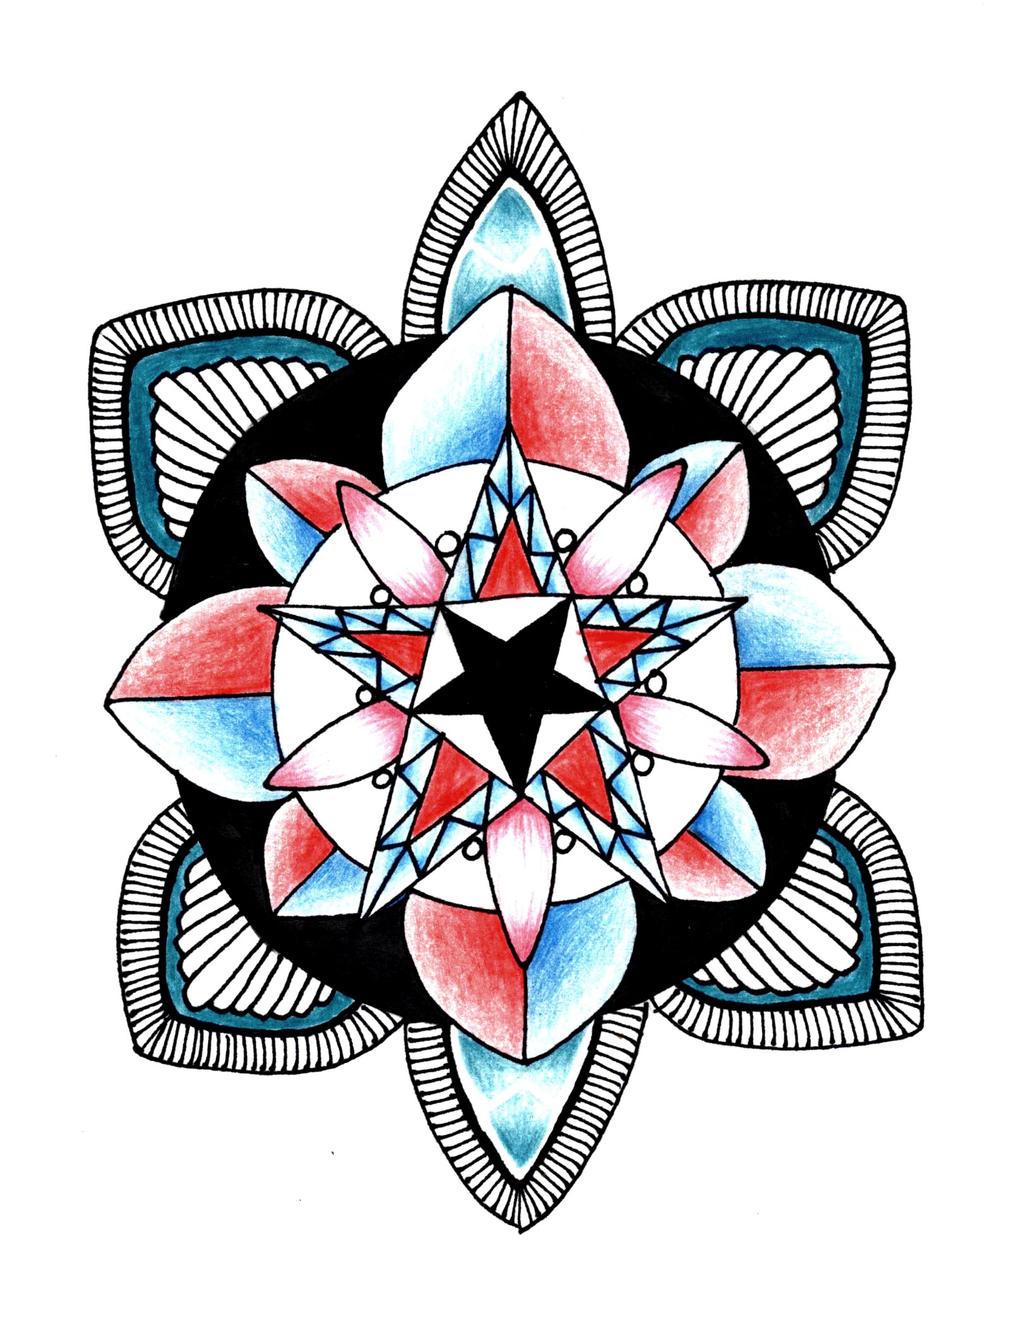 Mandala Tattoo Design By DagmarBakker Mandala Tattoo Design By DagmarBakker